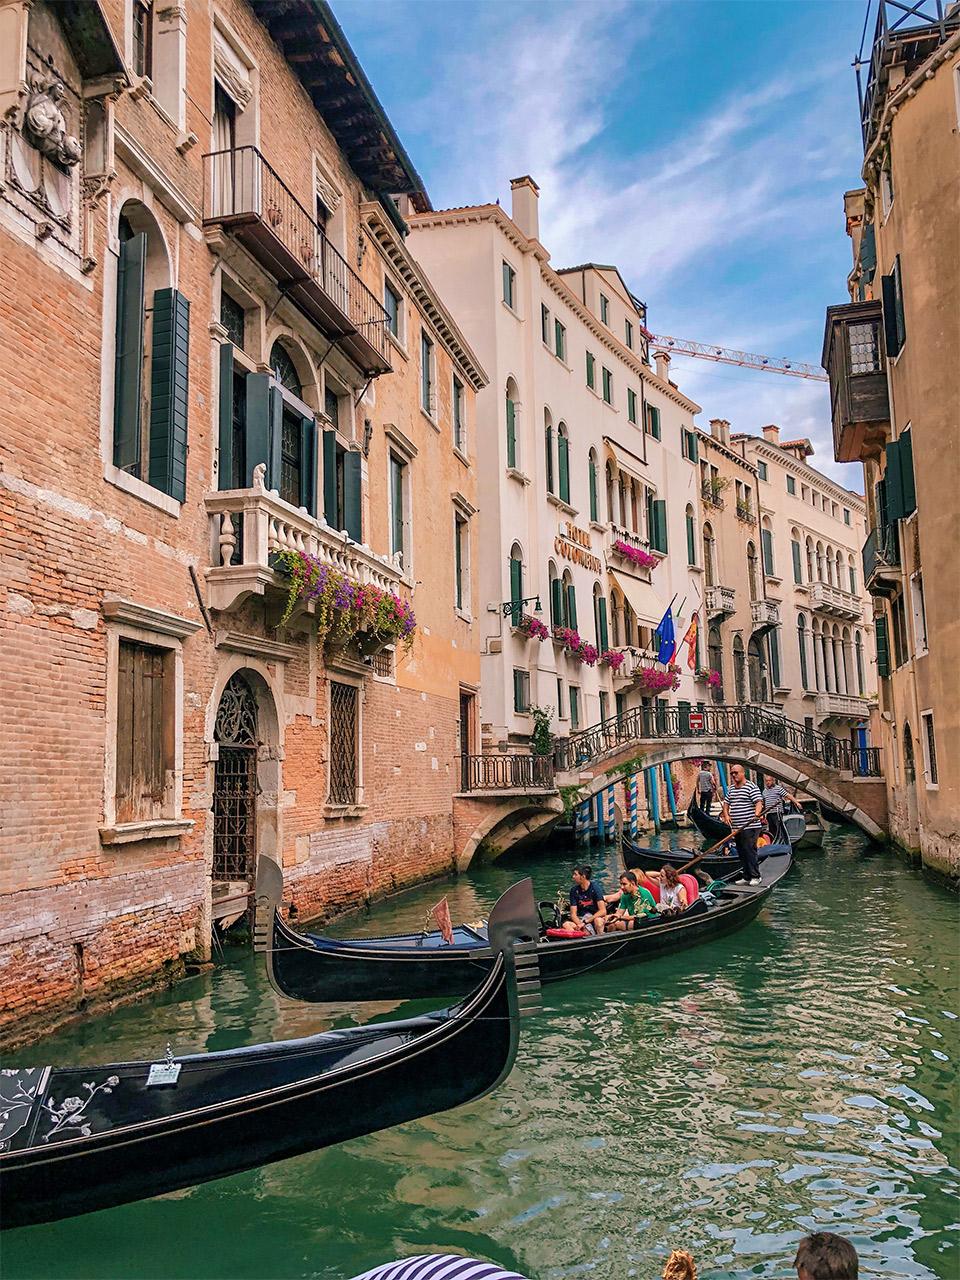 que-hacer-en-Venecia,-3-dias-en-Venecia